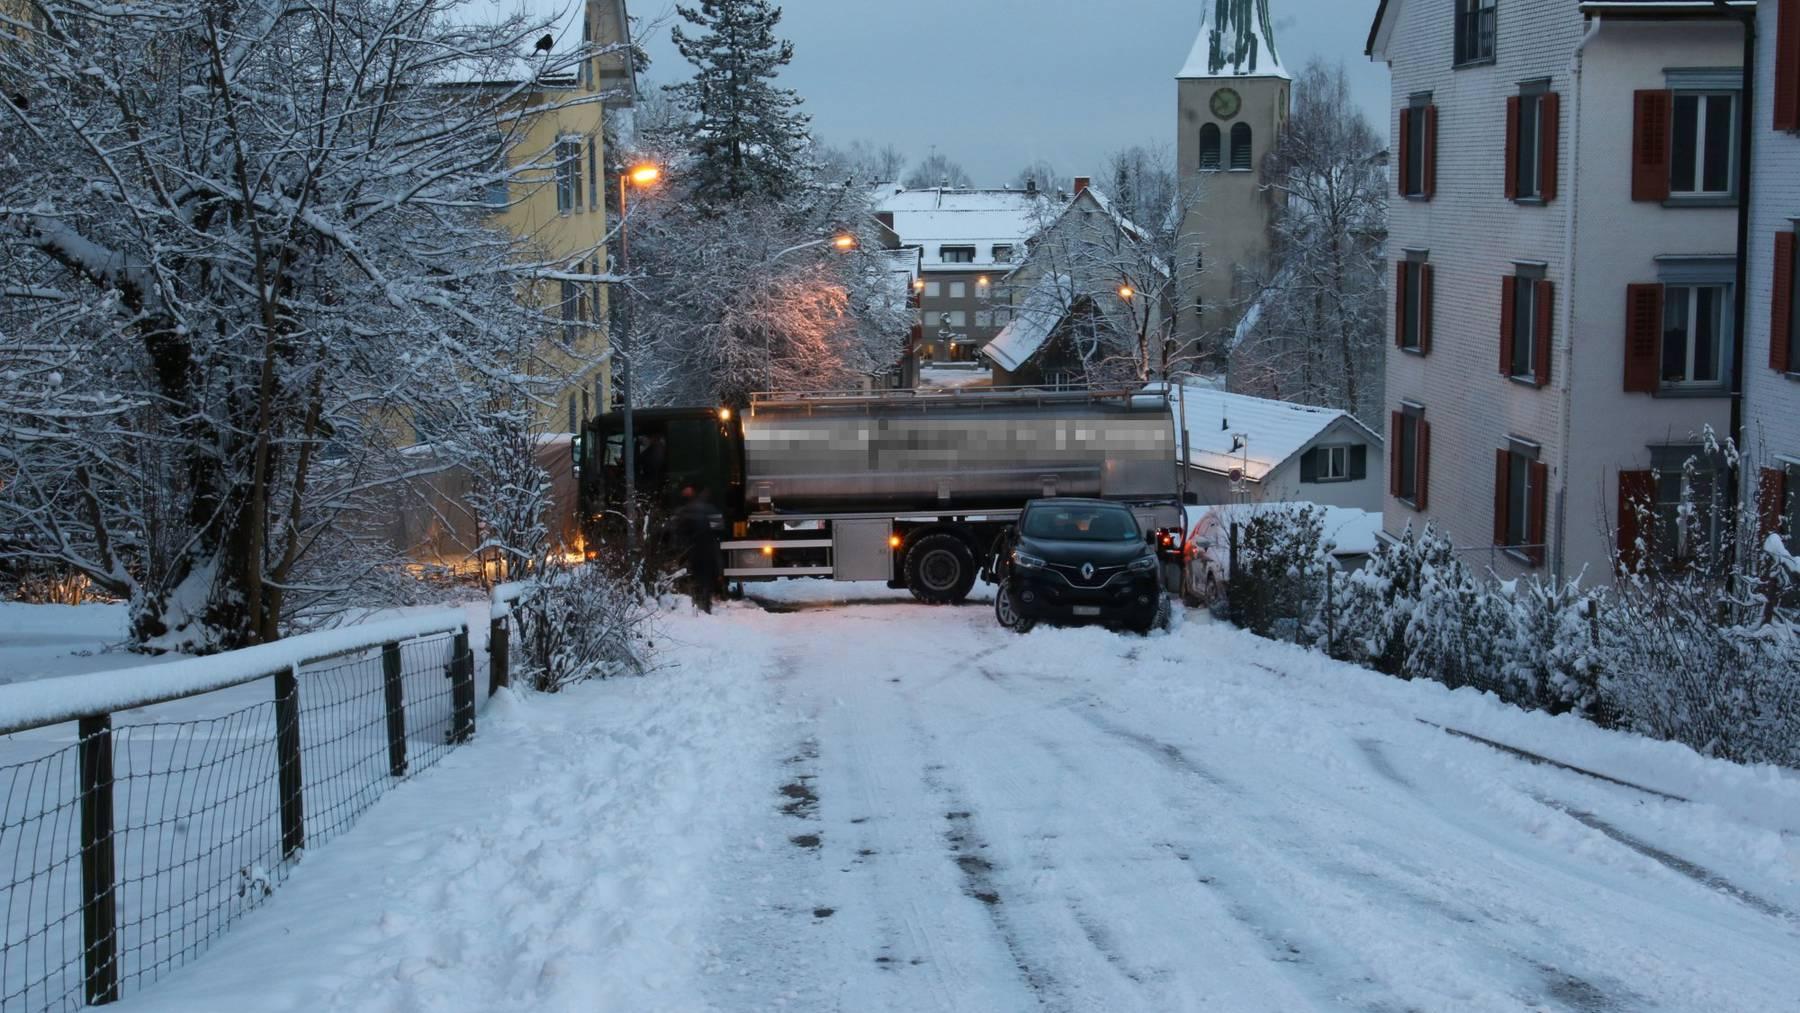 Der Lastwagen rutschte auf der schneebedeckten Fahrbahn in mehrere Fahrzeuge.